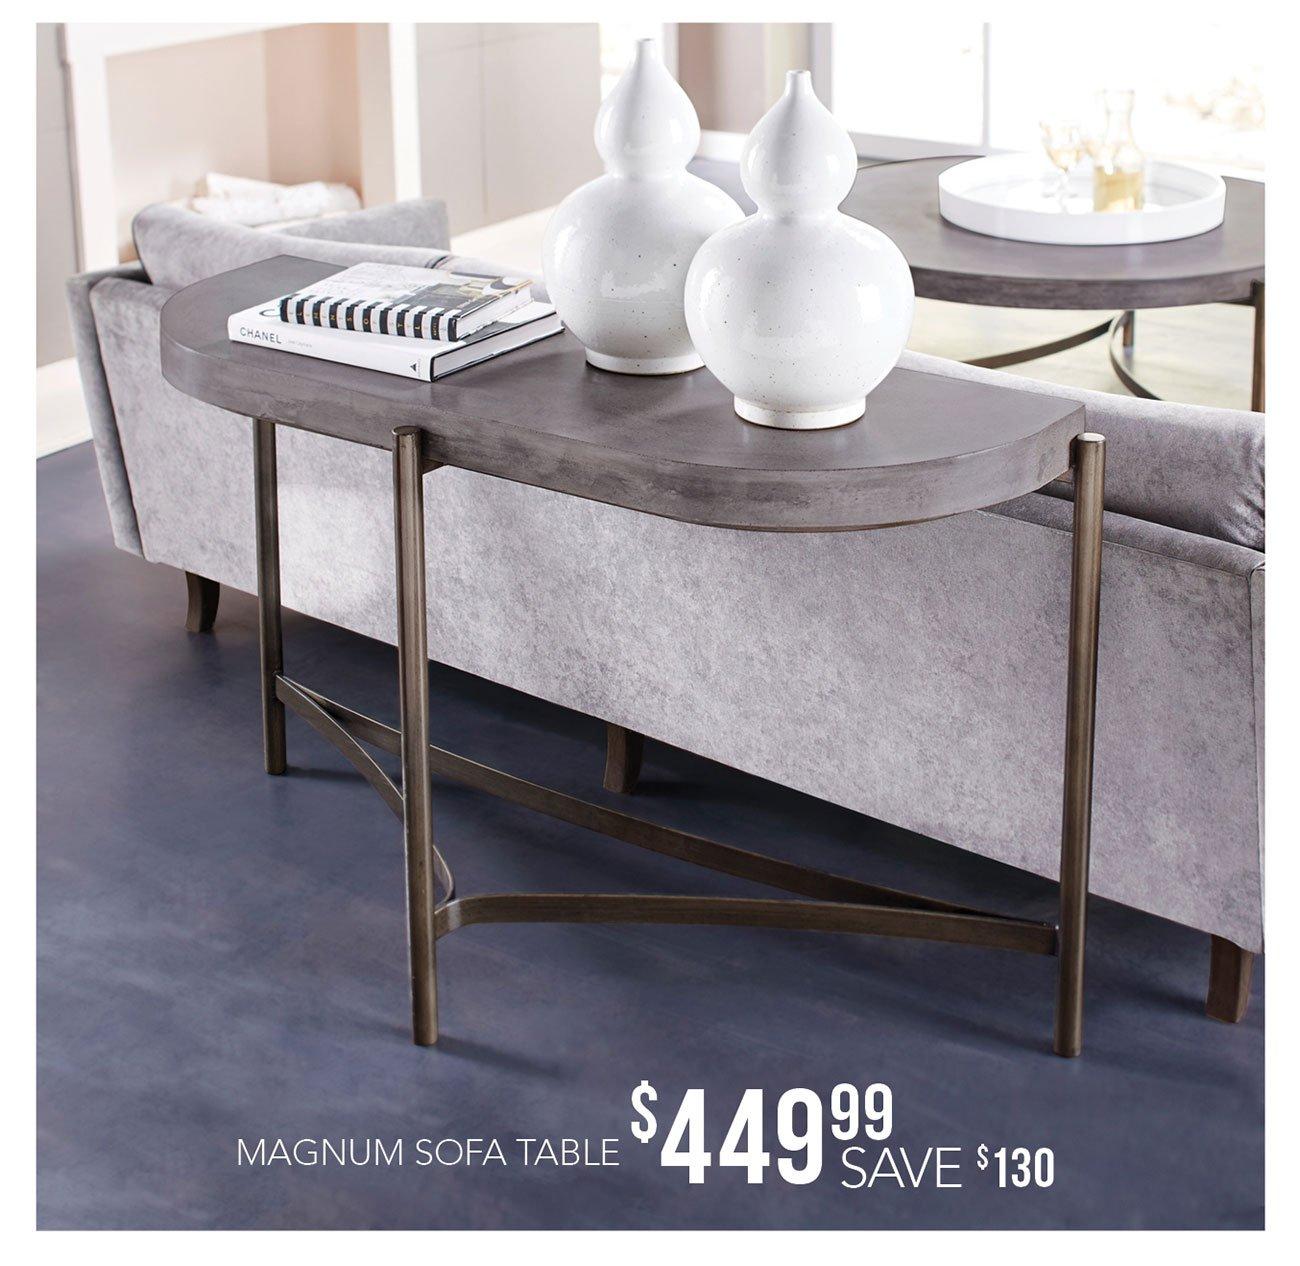 Magnum-sofa-table